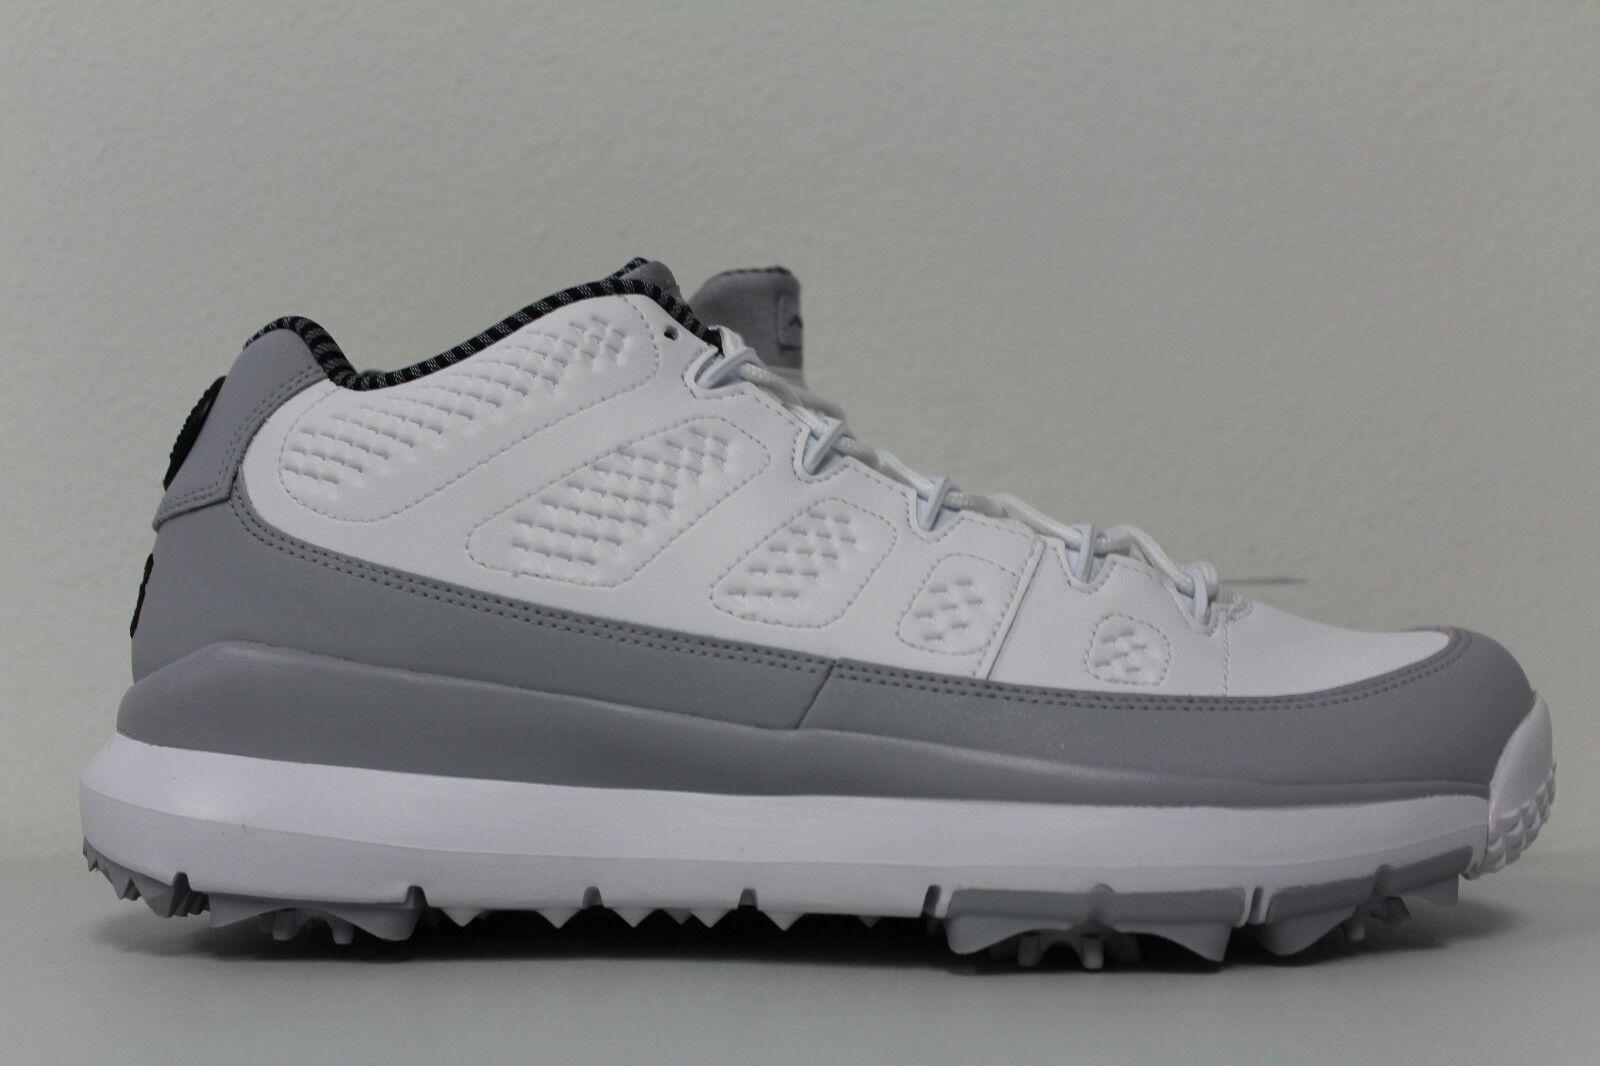 Nike Mens Air Jordan 9 IX Retro Comfortable Cheap women's shoes women's shoes